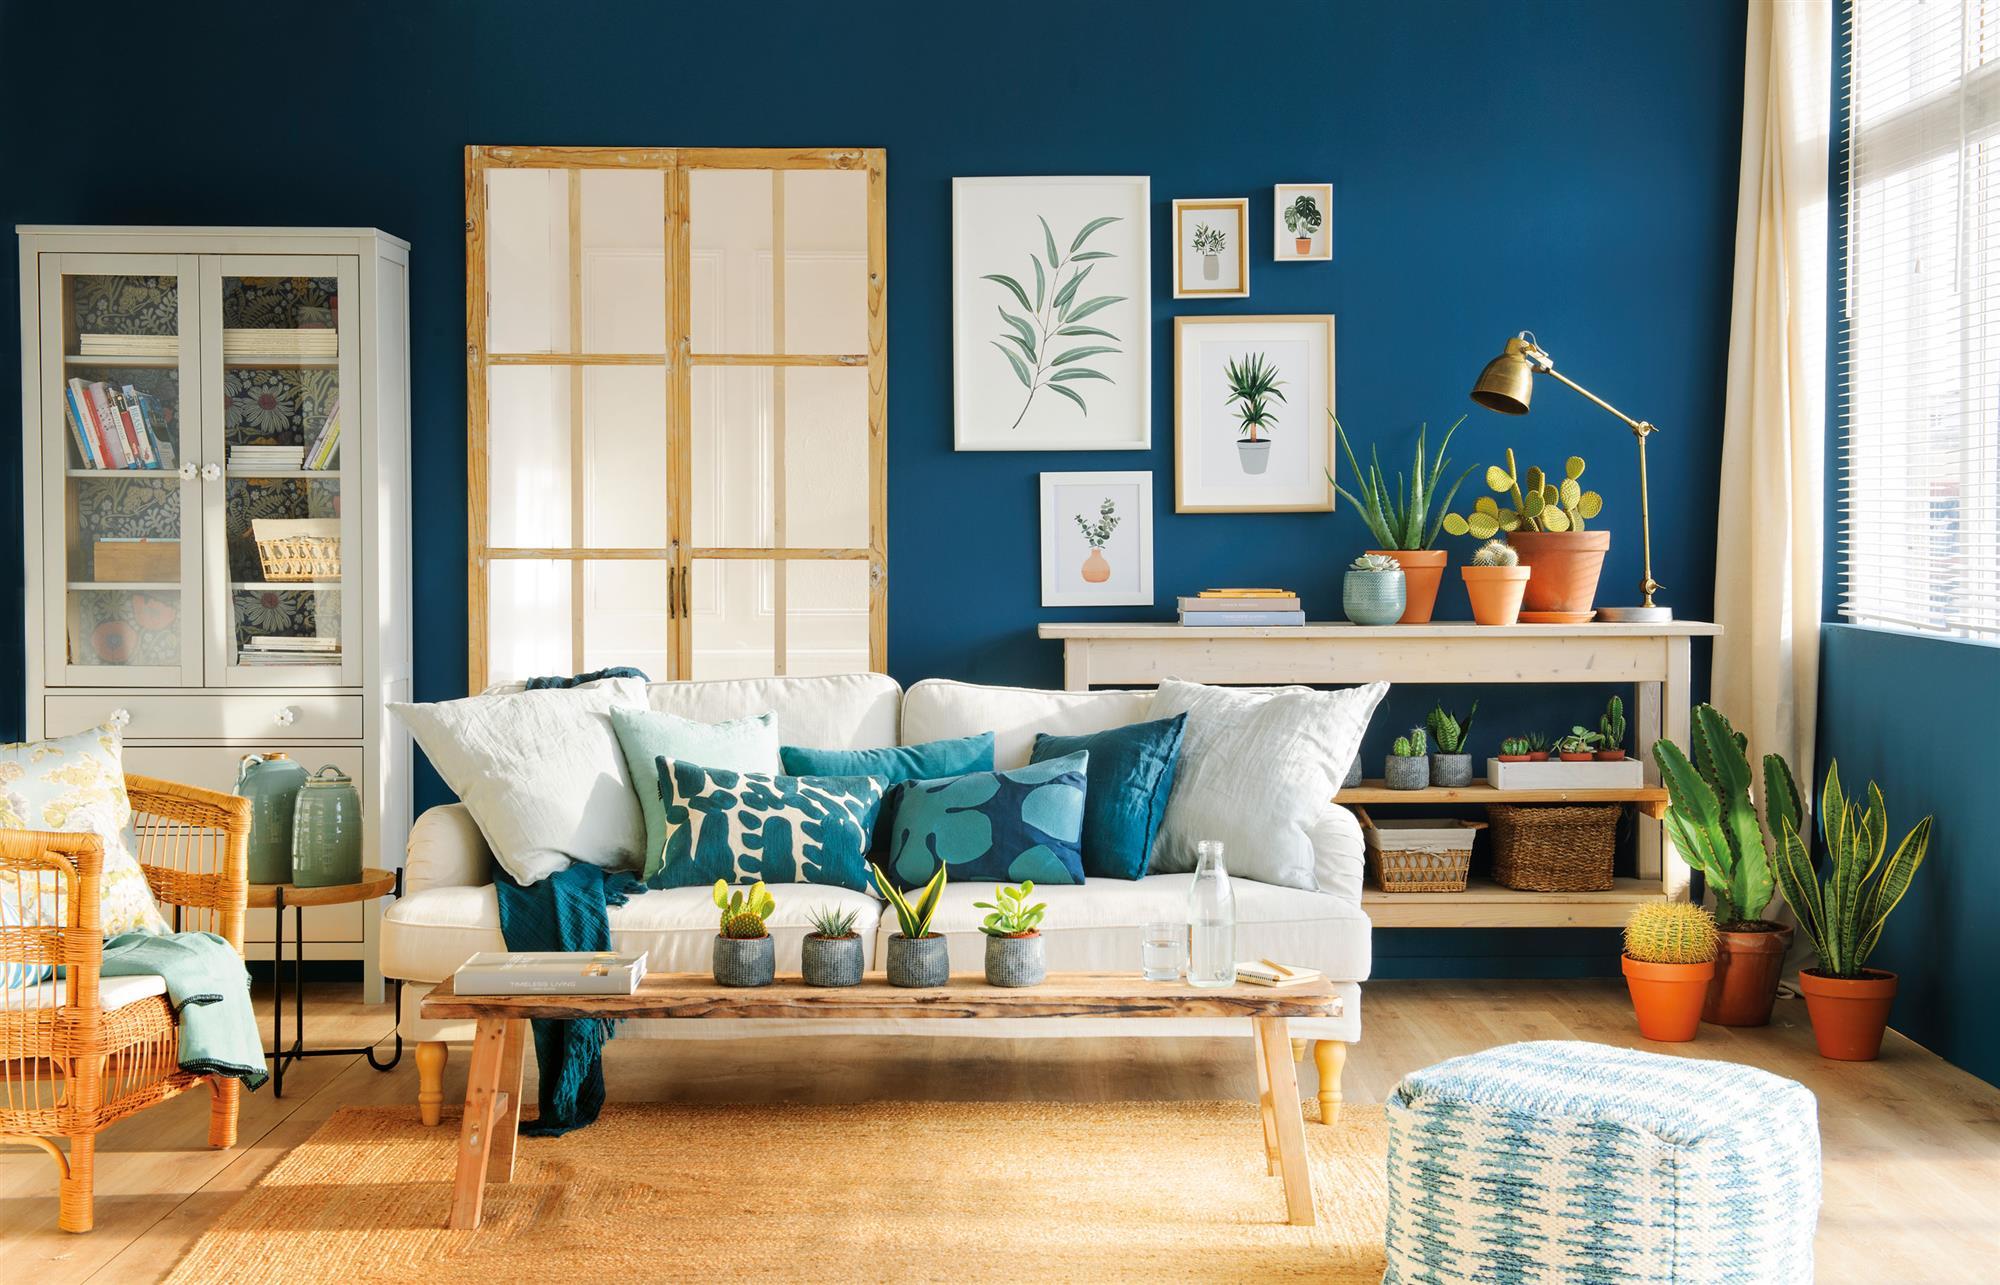 salon con pared pintada de azul_SAGITARIO-00451384